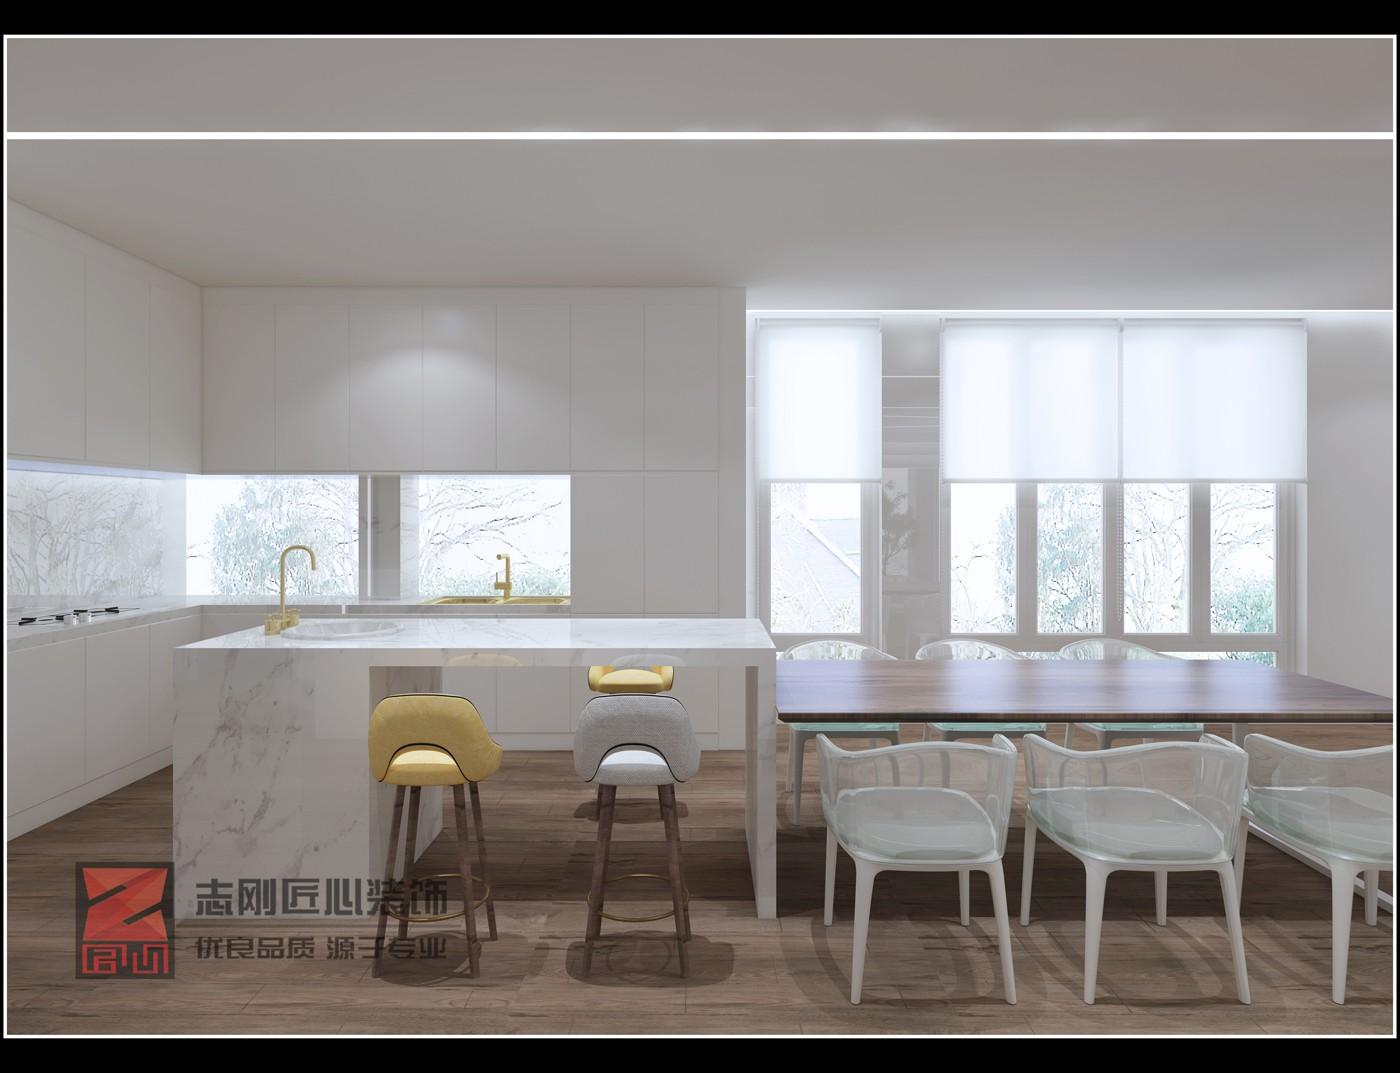 极简别墅厨房装修效果图